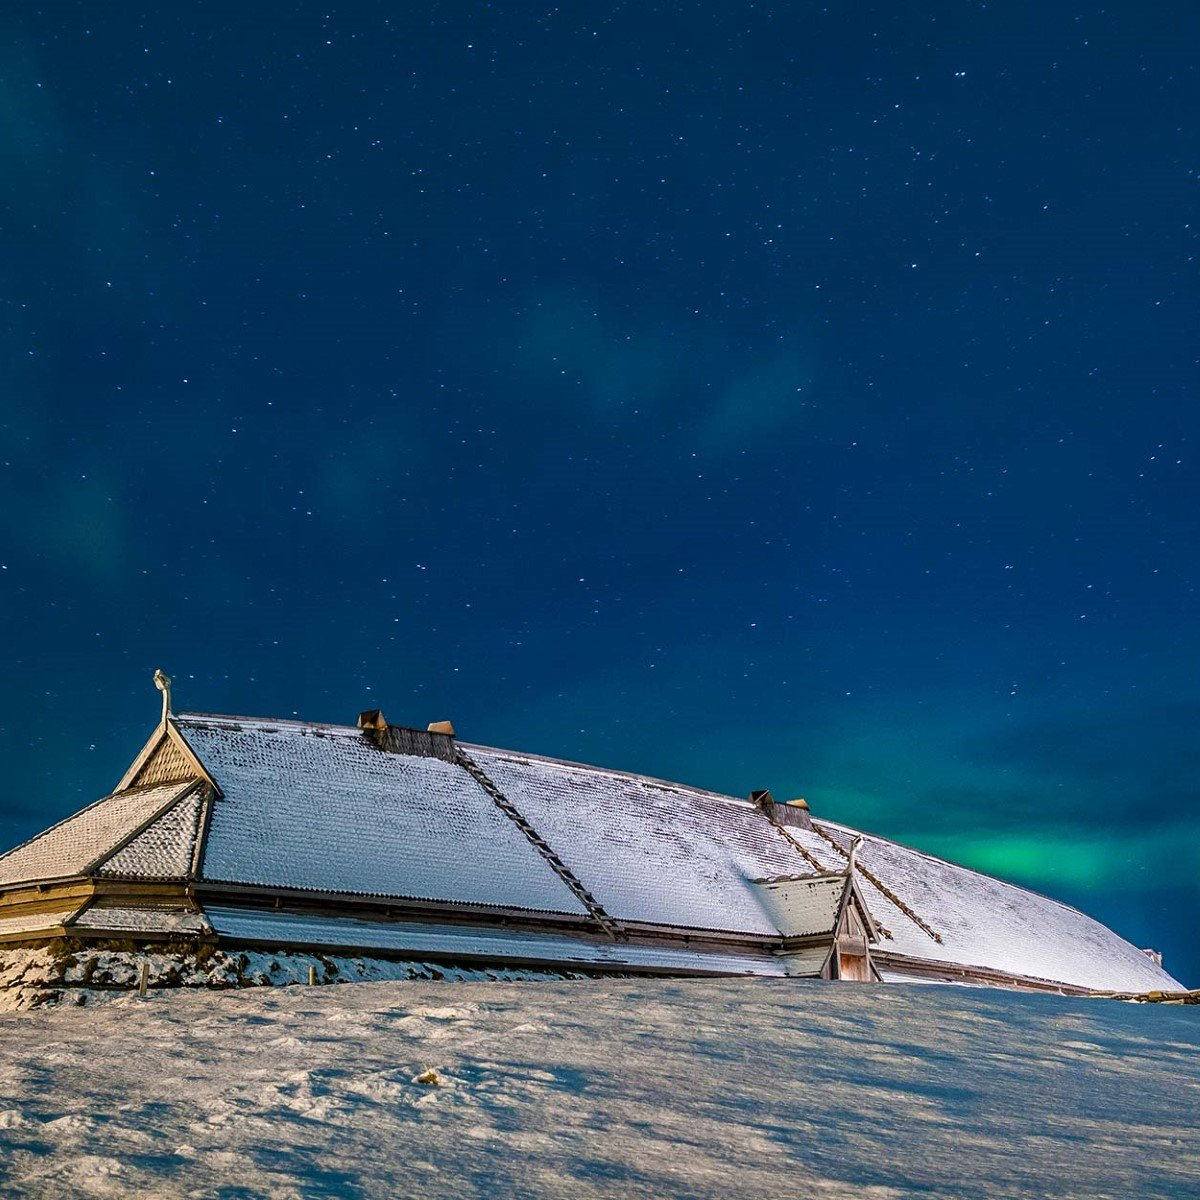 Norway Excursions - Meet Vikings In Winter